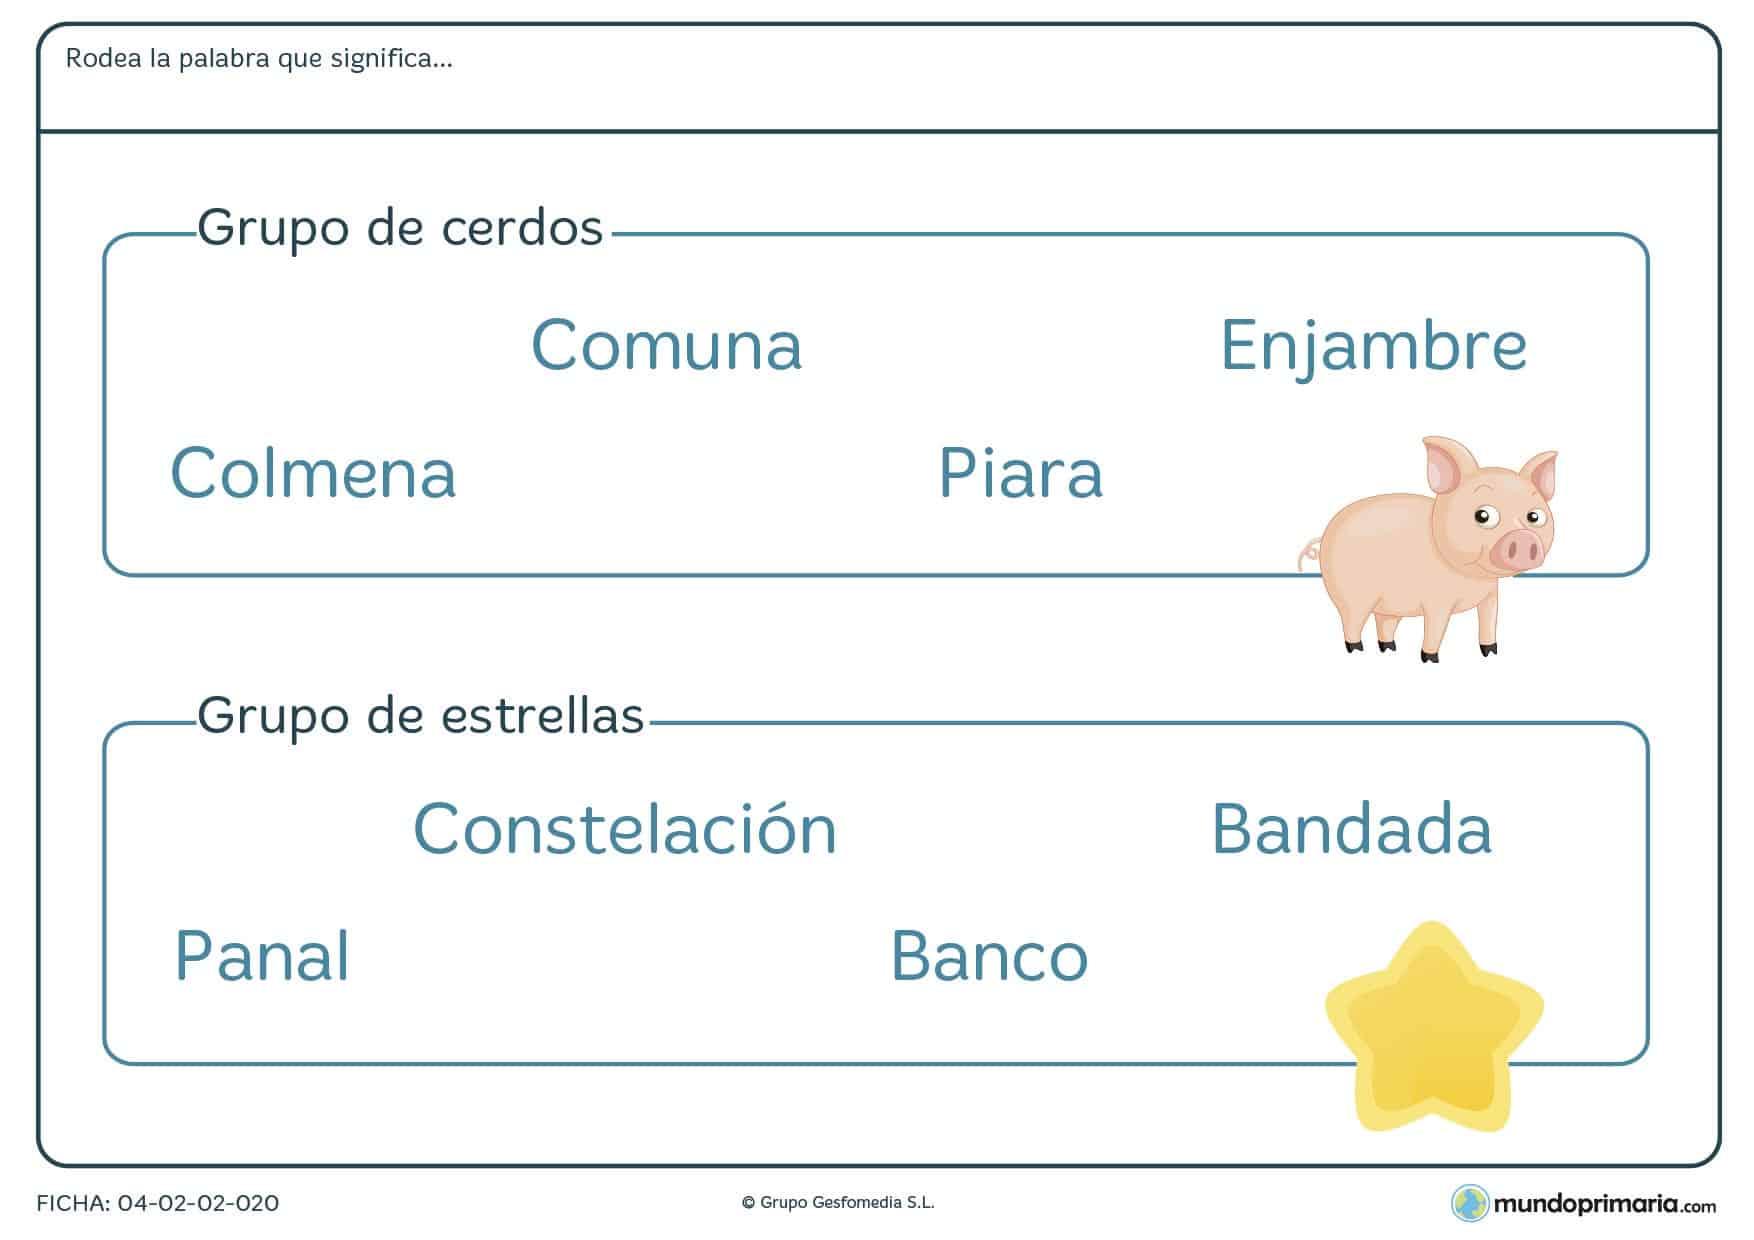 Ficha para niños de segundo de primaria de conocer palabras que designa grupos de objetos en la que tendrás que identificar qué palabra designa al grupo de objetos especificado en el enunciado.